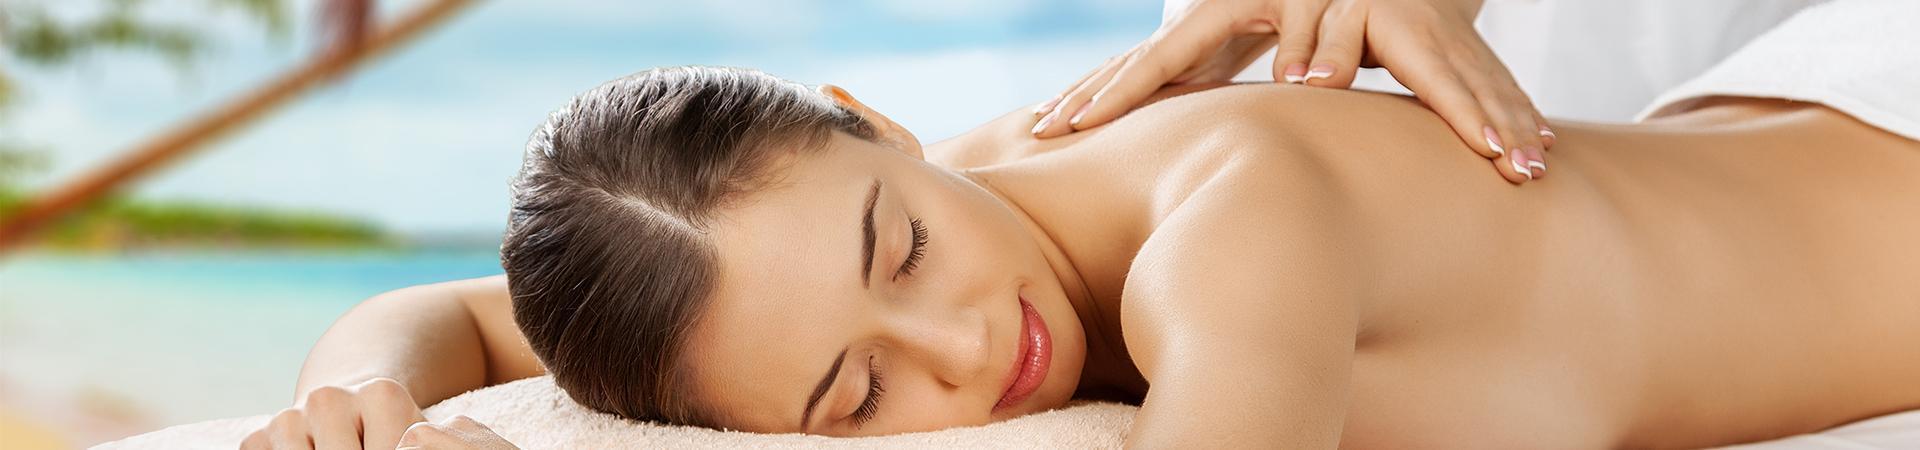 Gun jezelf de weldaad van een massage waarbij je even alles achter je kunt laten